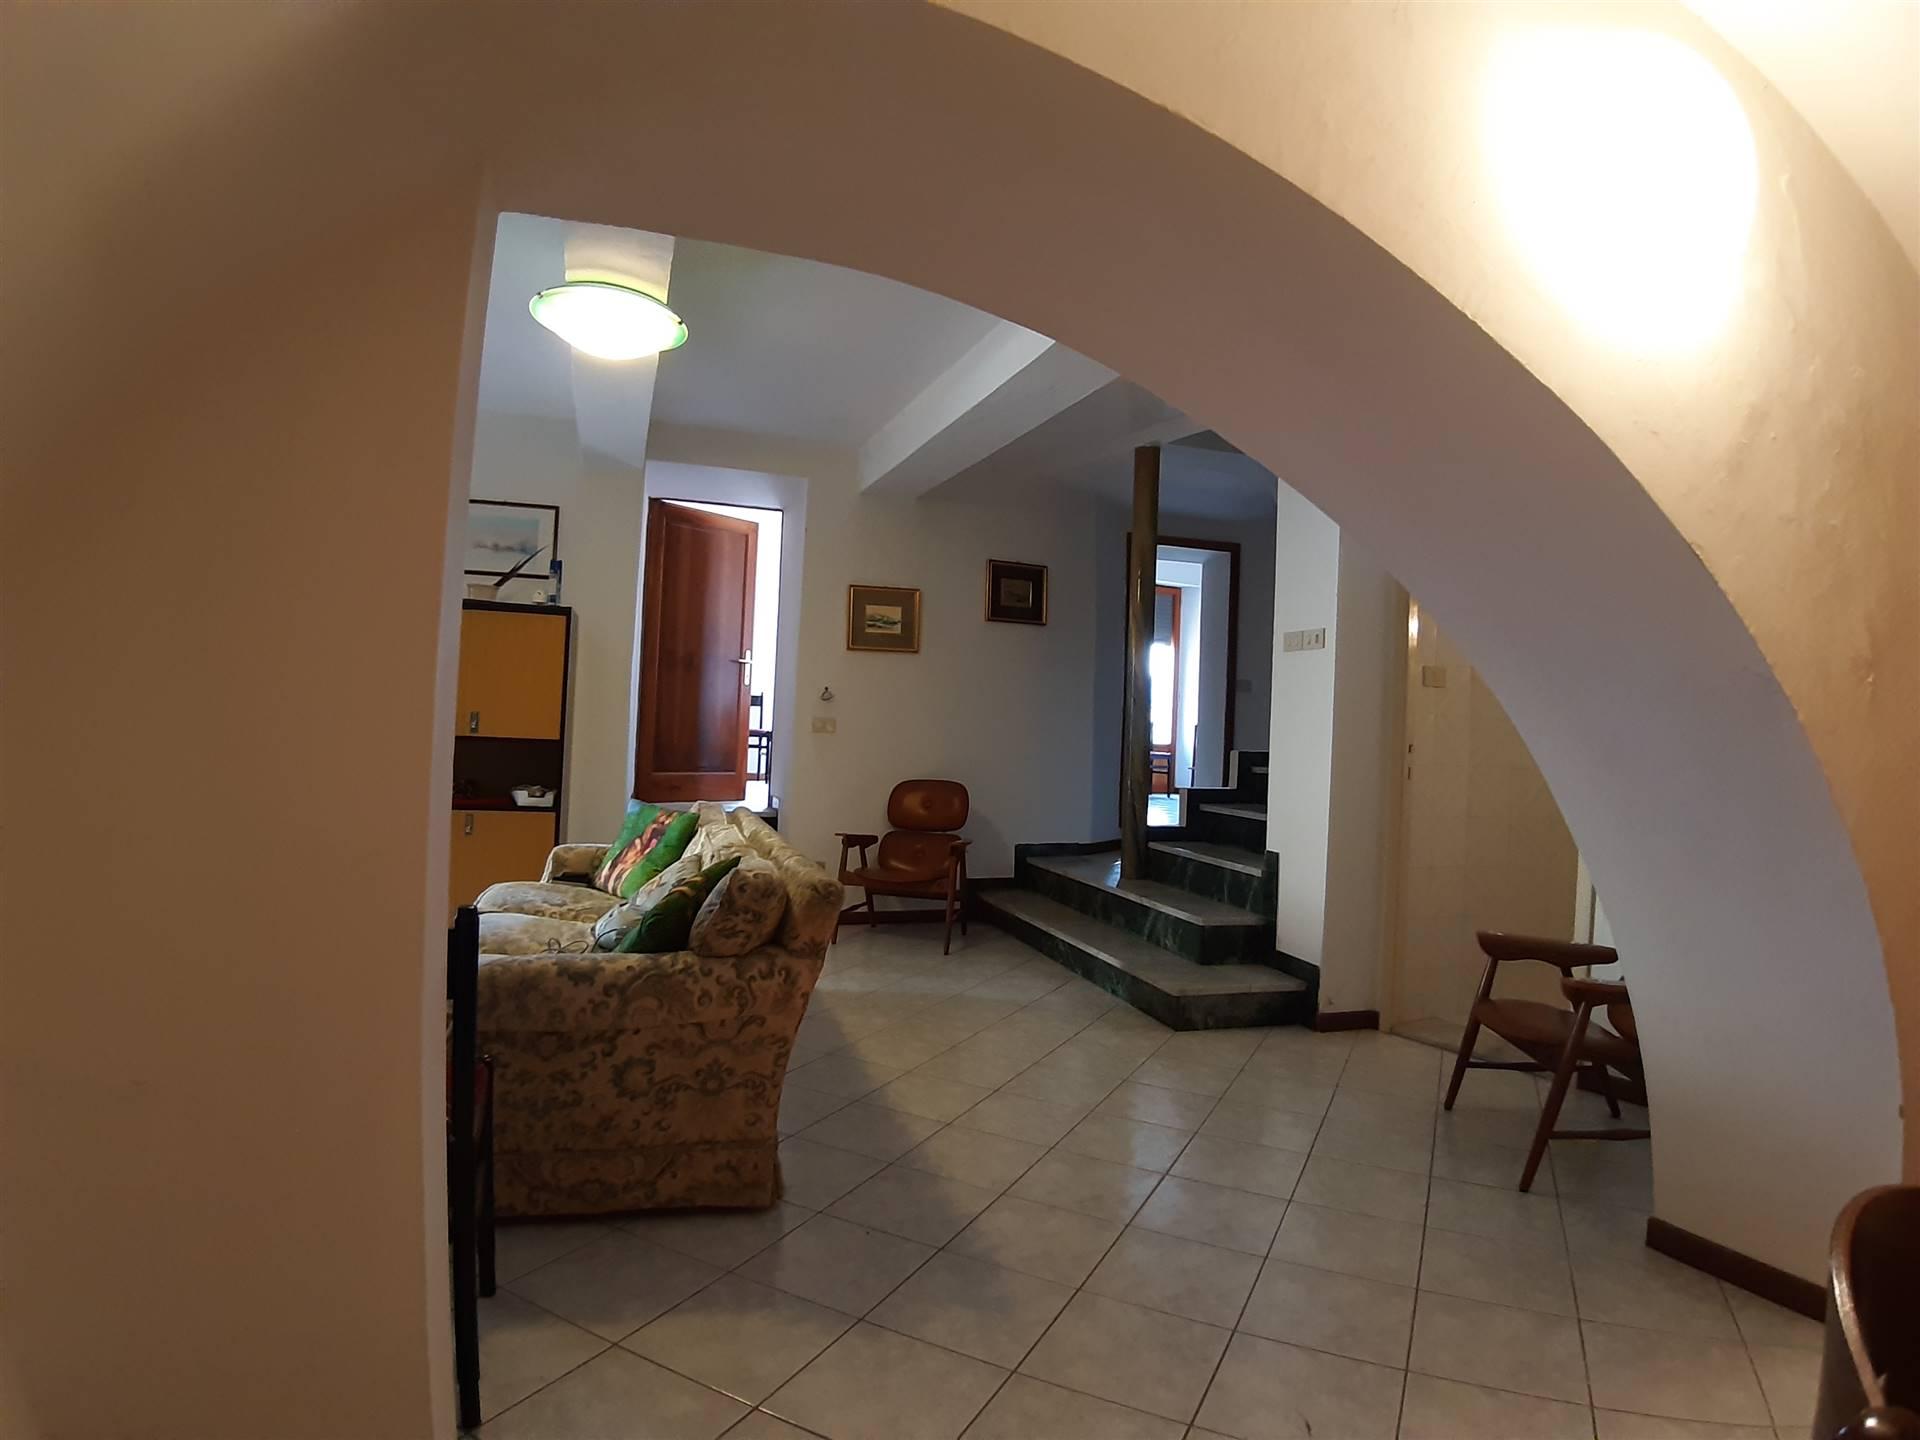 Appartamento in vendita a Chianciano Terme, 5 locali, zona Località: CHIANCIANO TERME, prezzo € 89.000   PortaleAgenzieImmobiliari.it